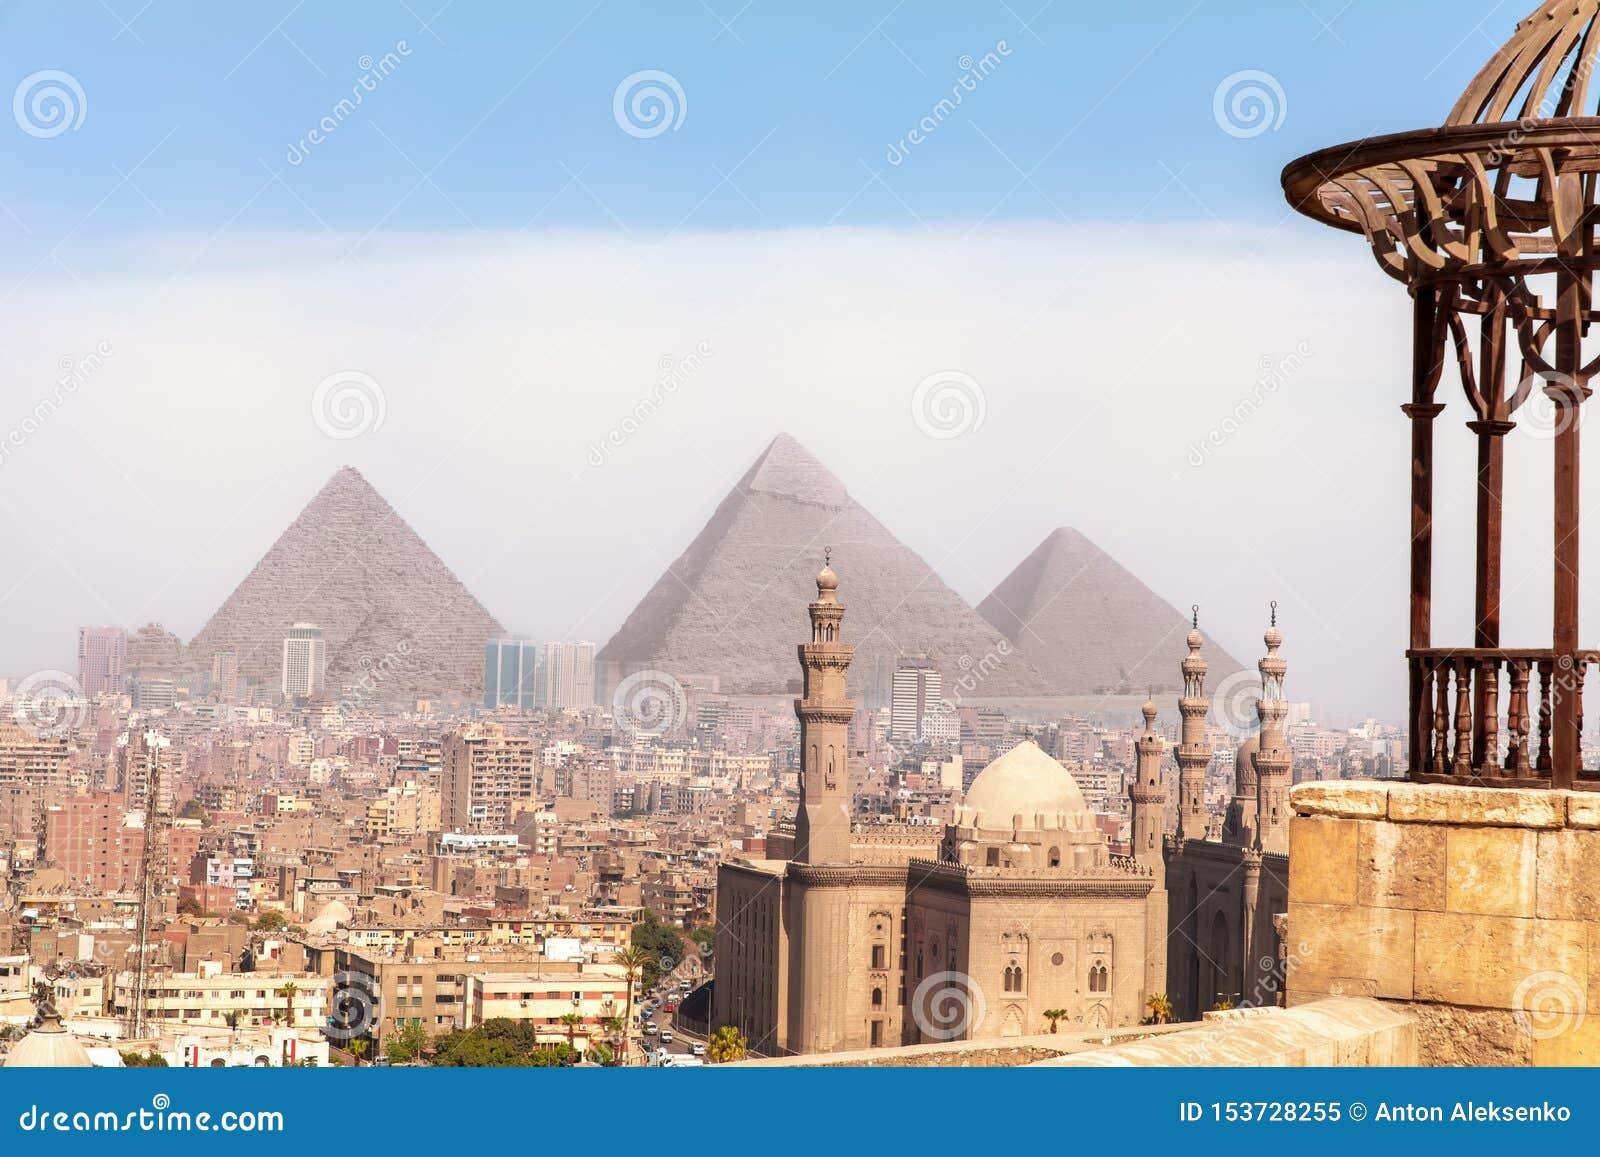 Vistas sabidas mundo de Egipto, opinión sobre las pirámides de Giza y la mezquita de El Cairo